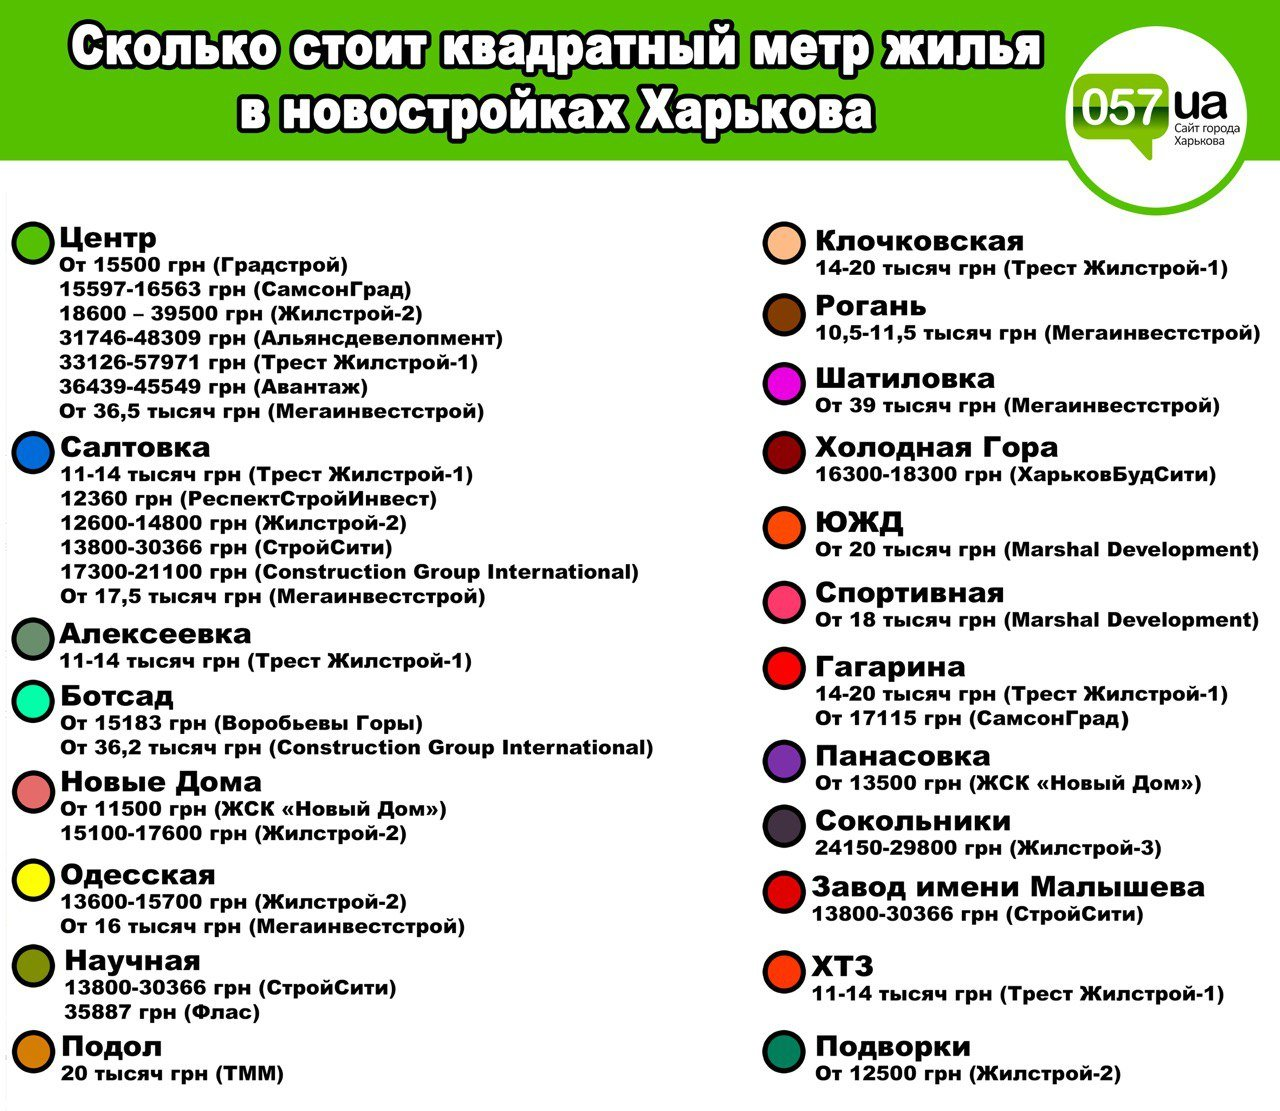 Сколько стоит квадратный метр жилья в новостройках Харькова: инфографика от 057, фото-2